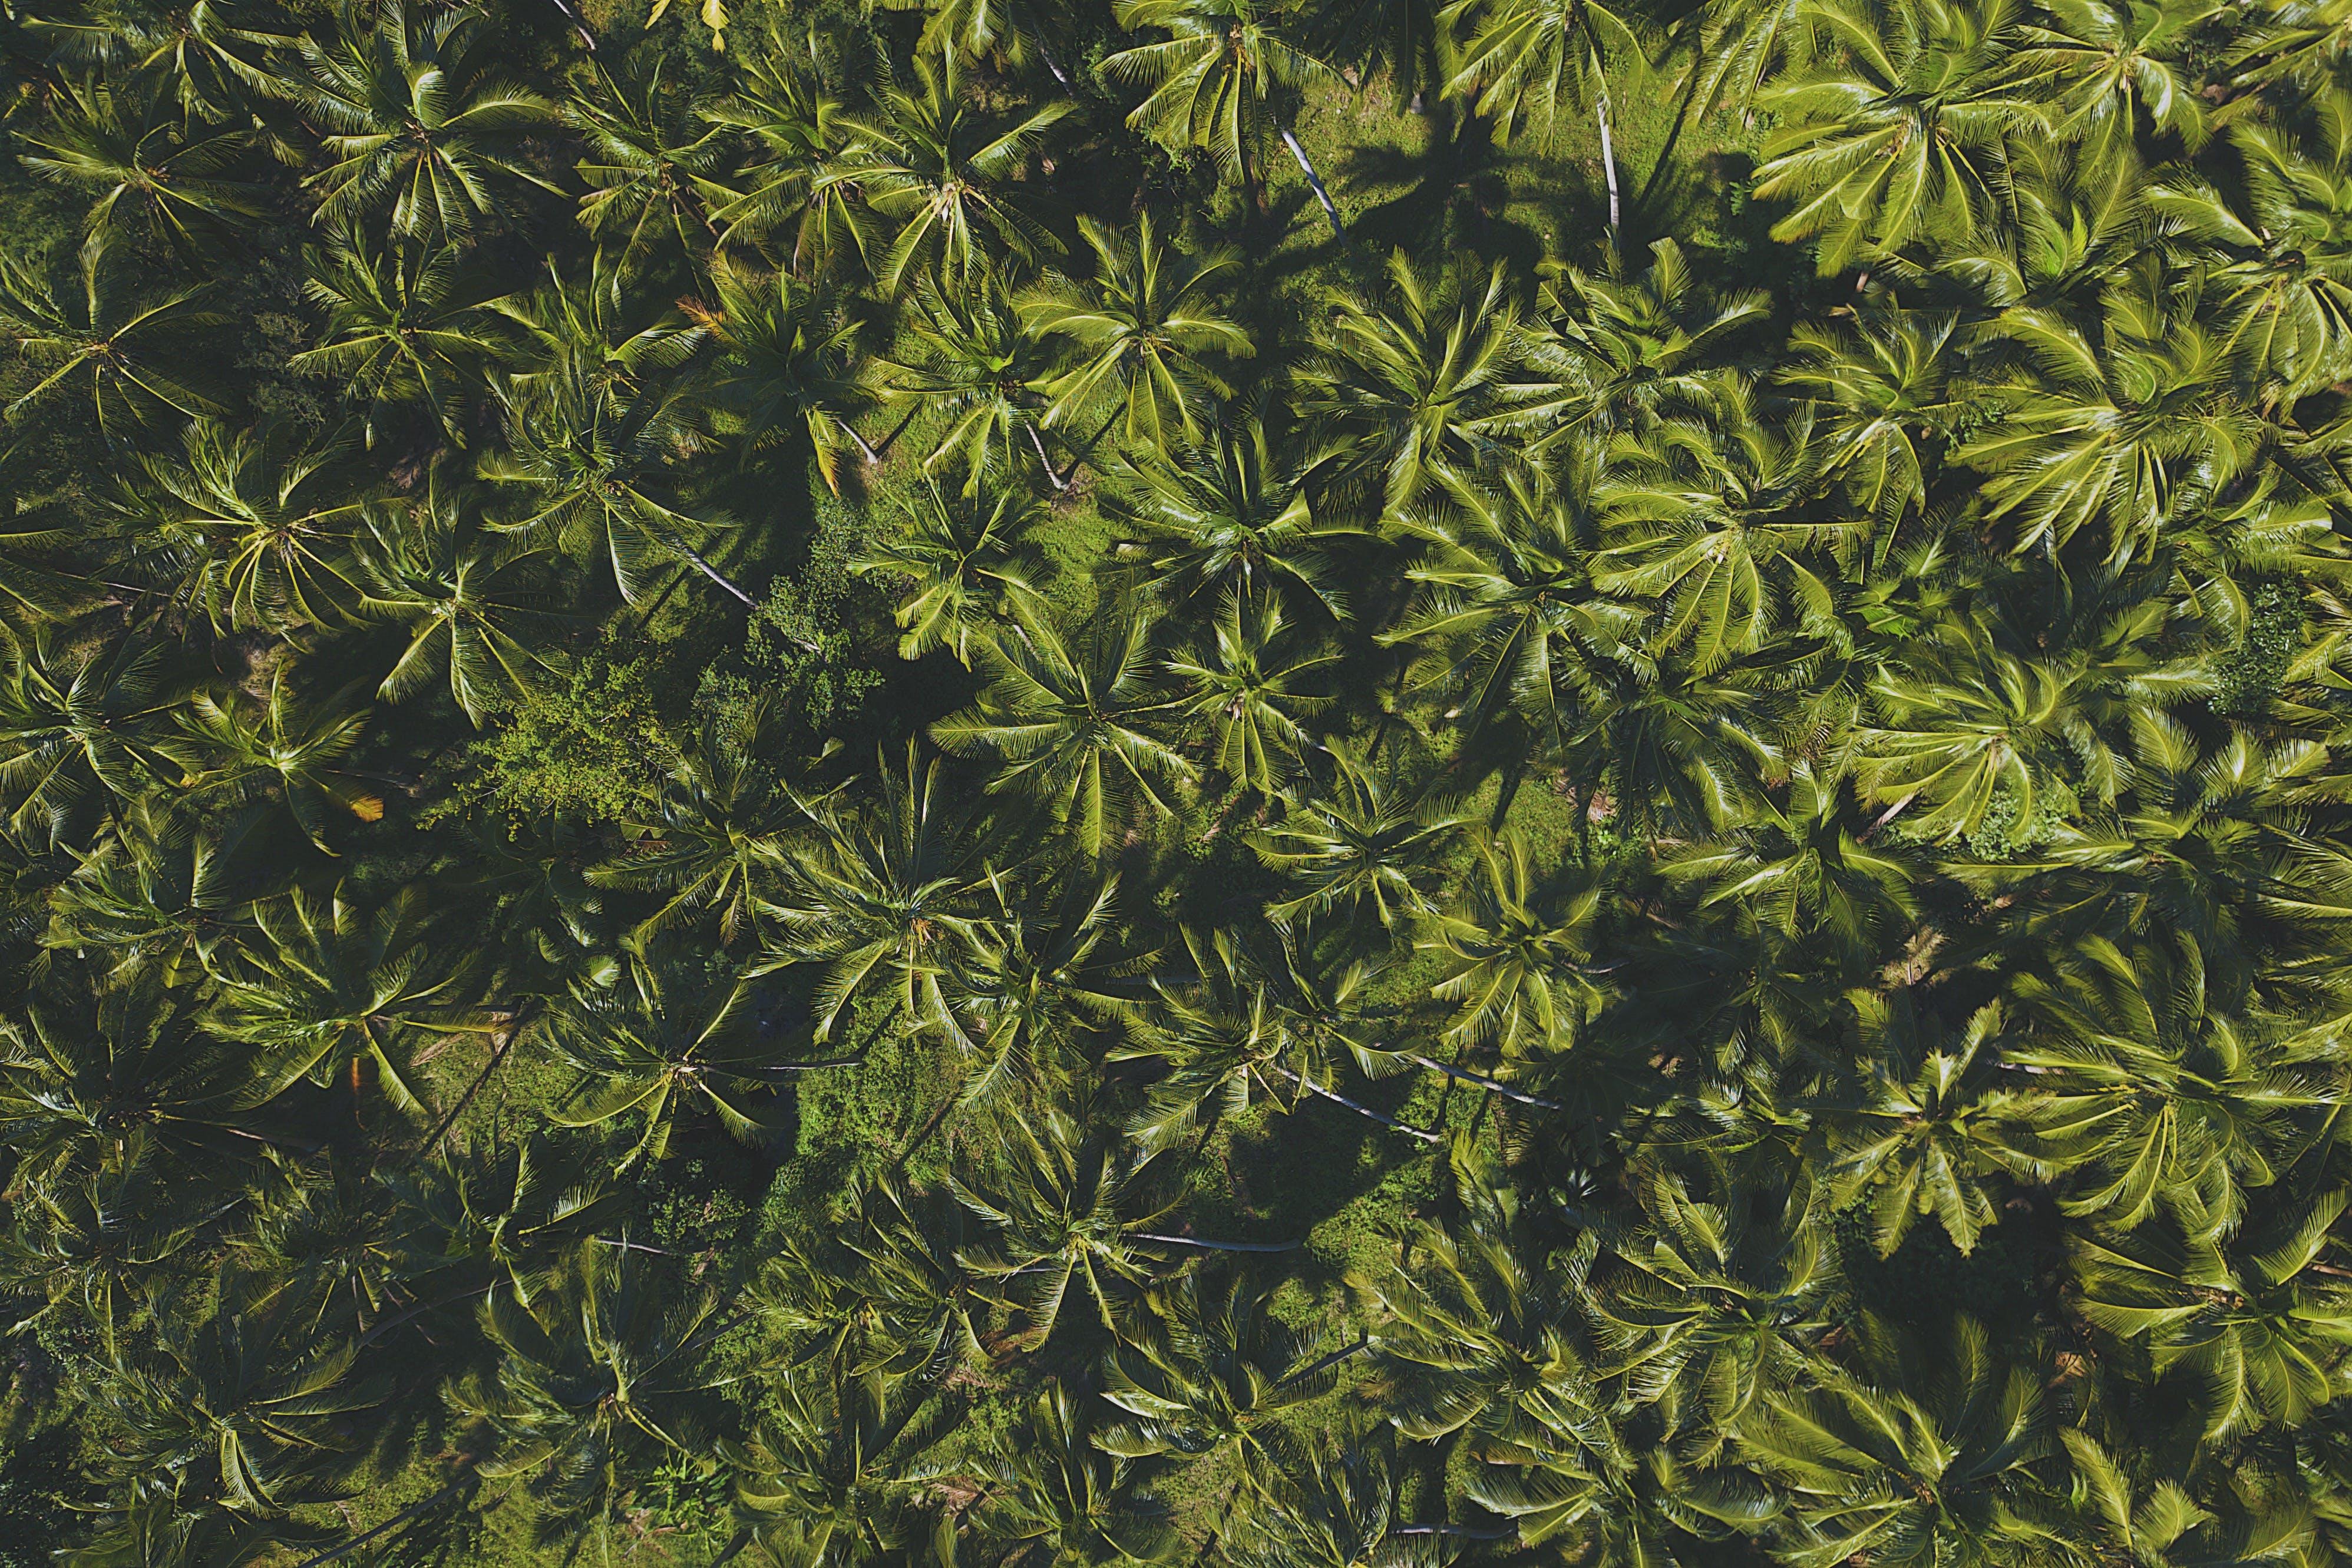 Kostenloses Stock Foto zu vogelperspektive, bäume, blätter, luftaufnahme